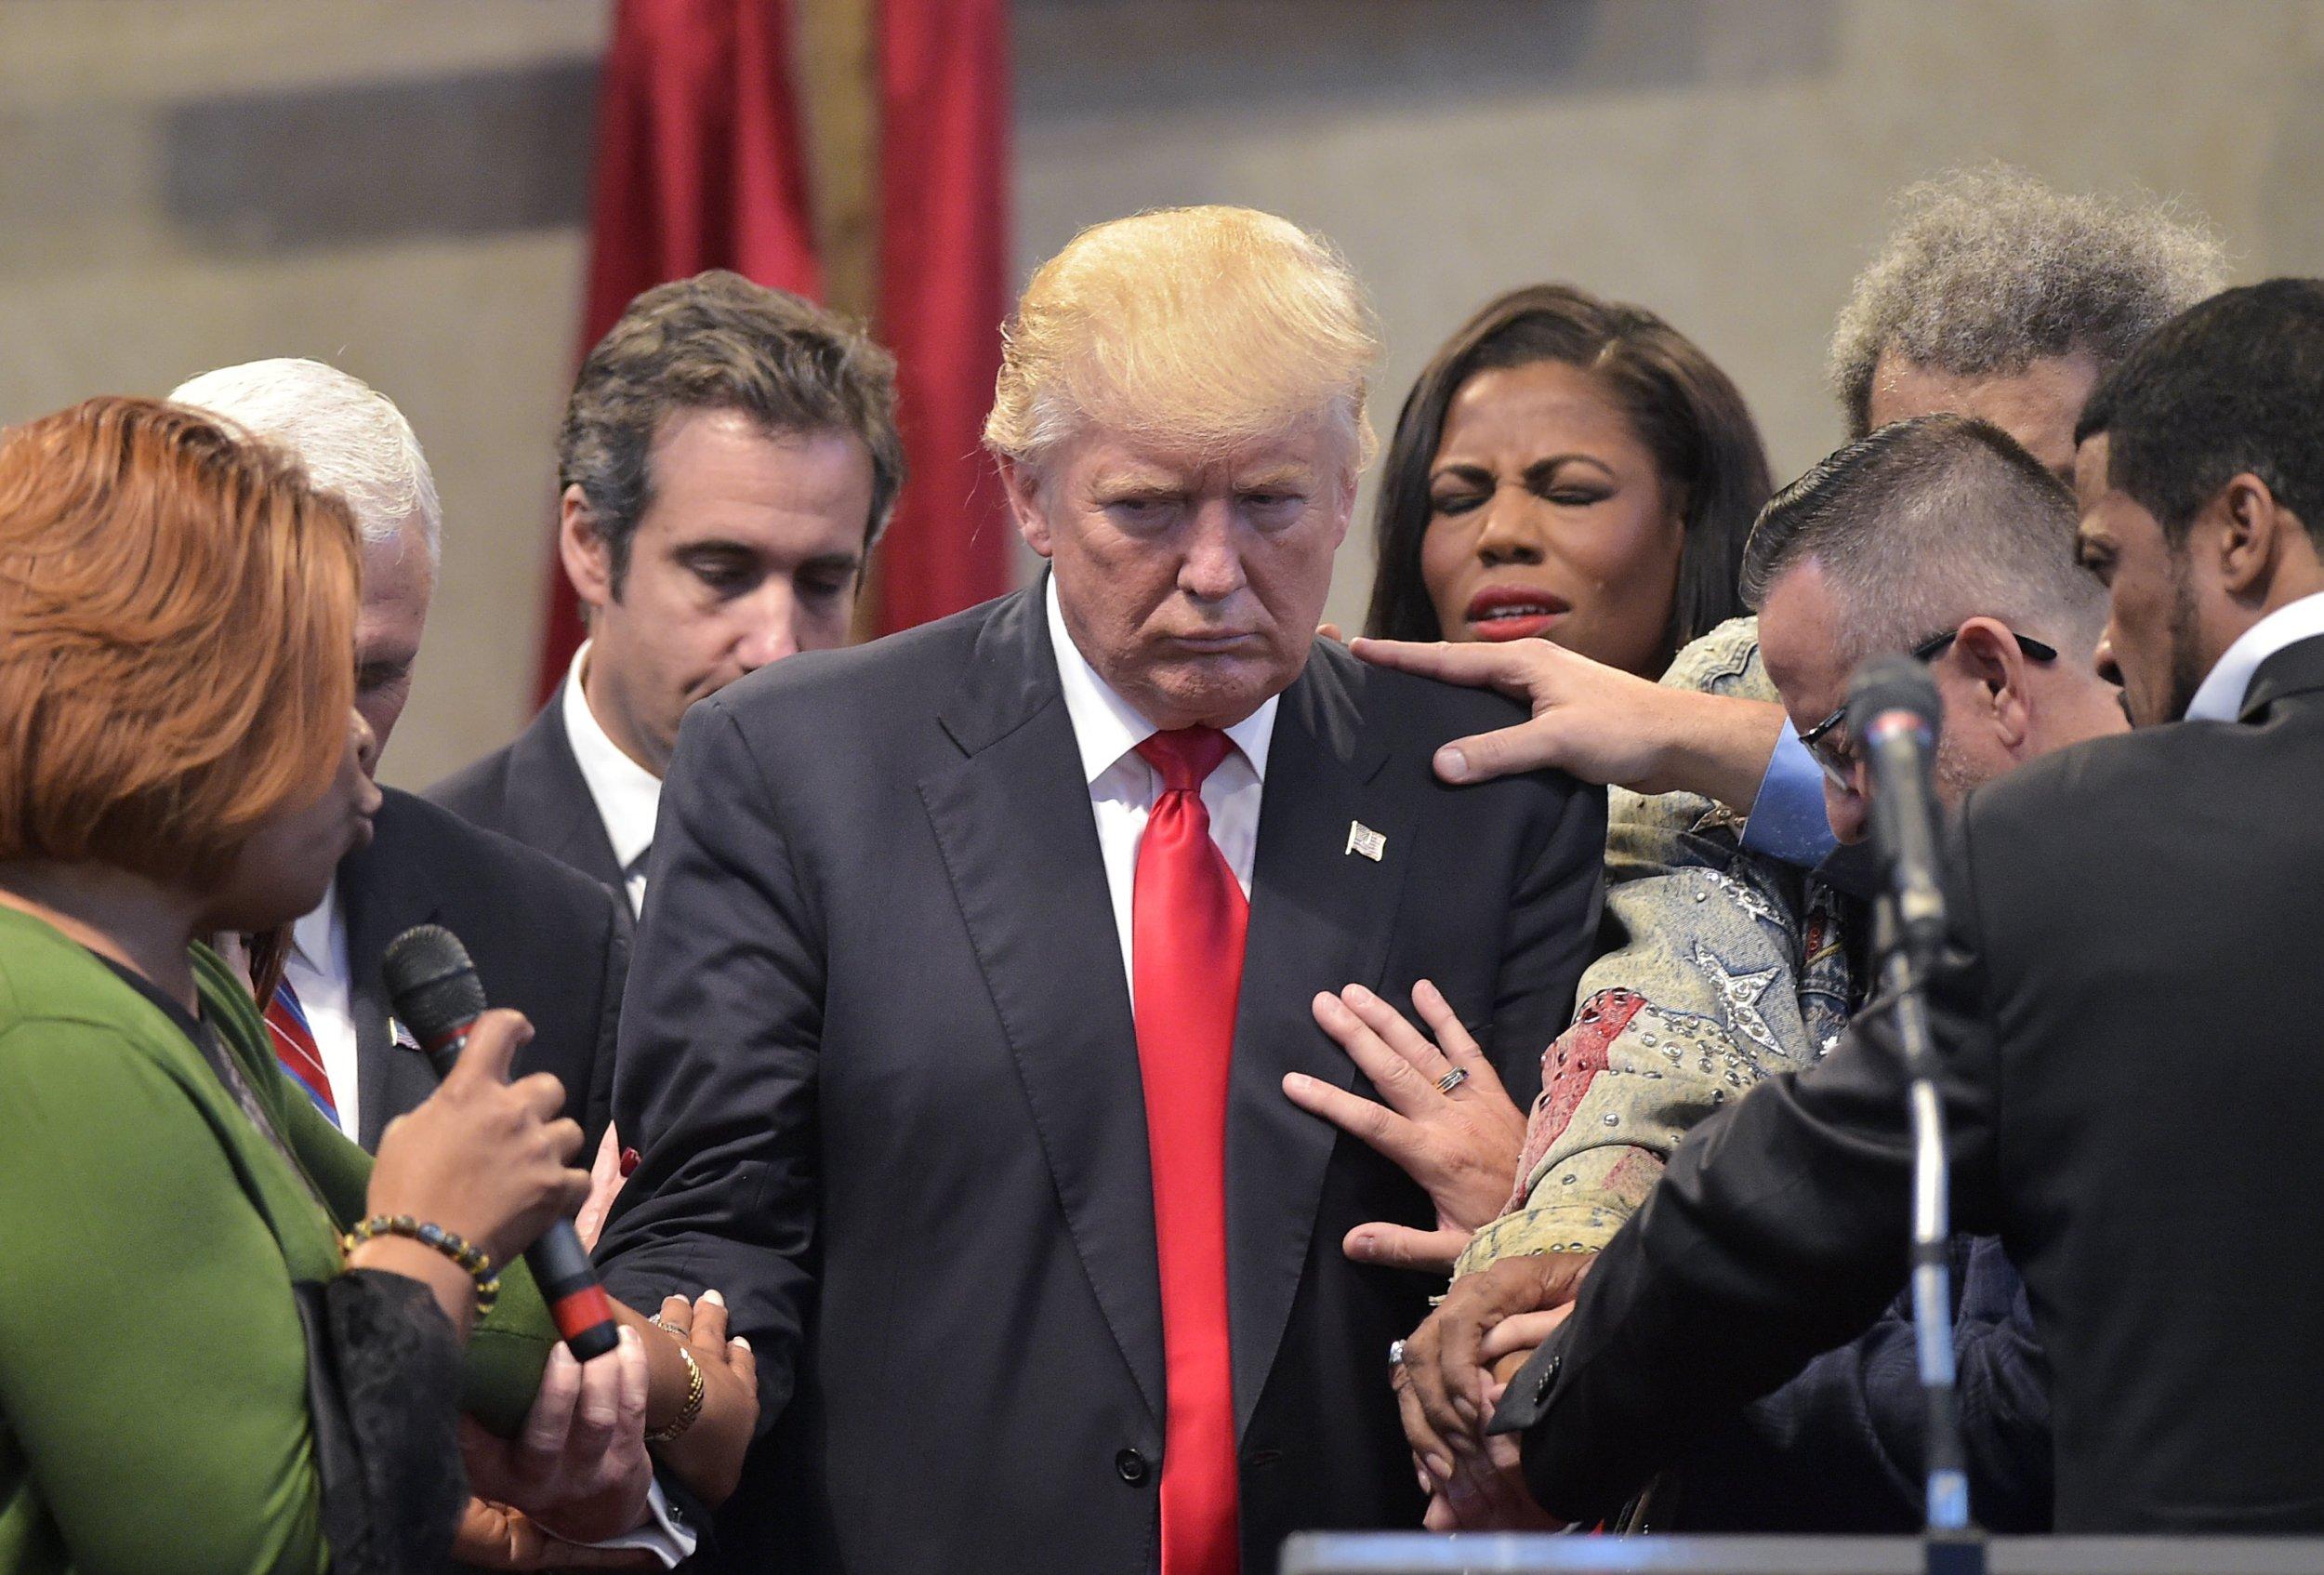 0404_trump_pastors_getty_01